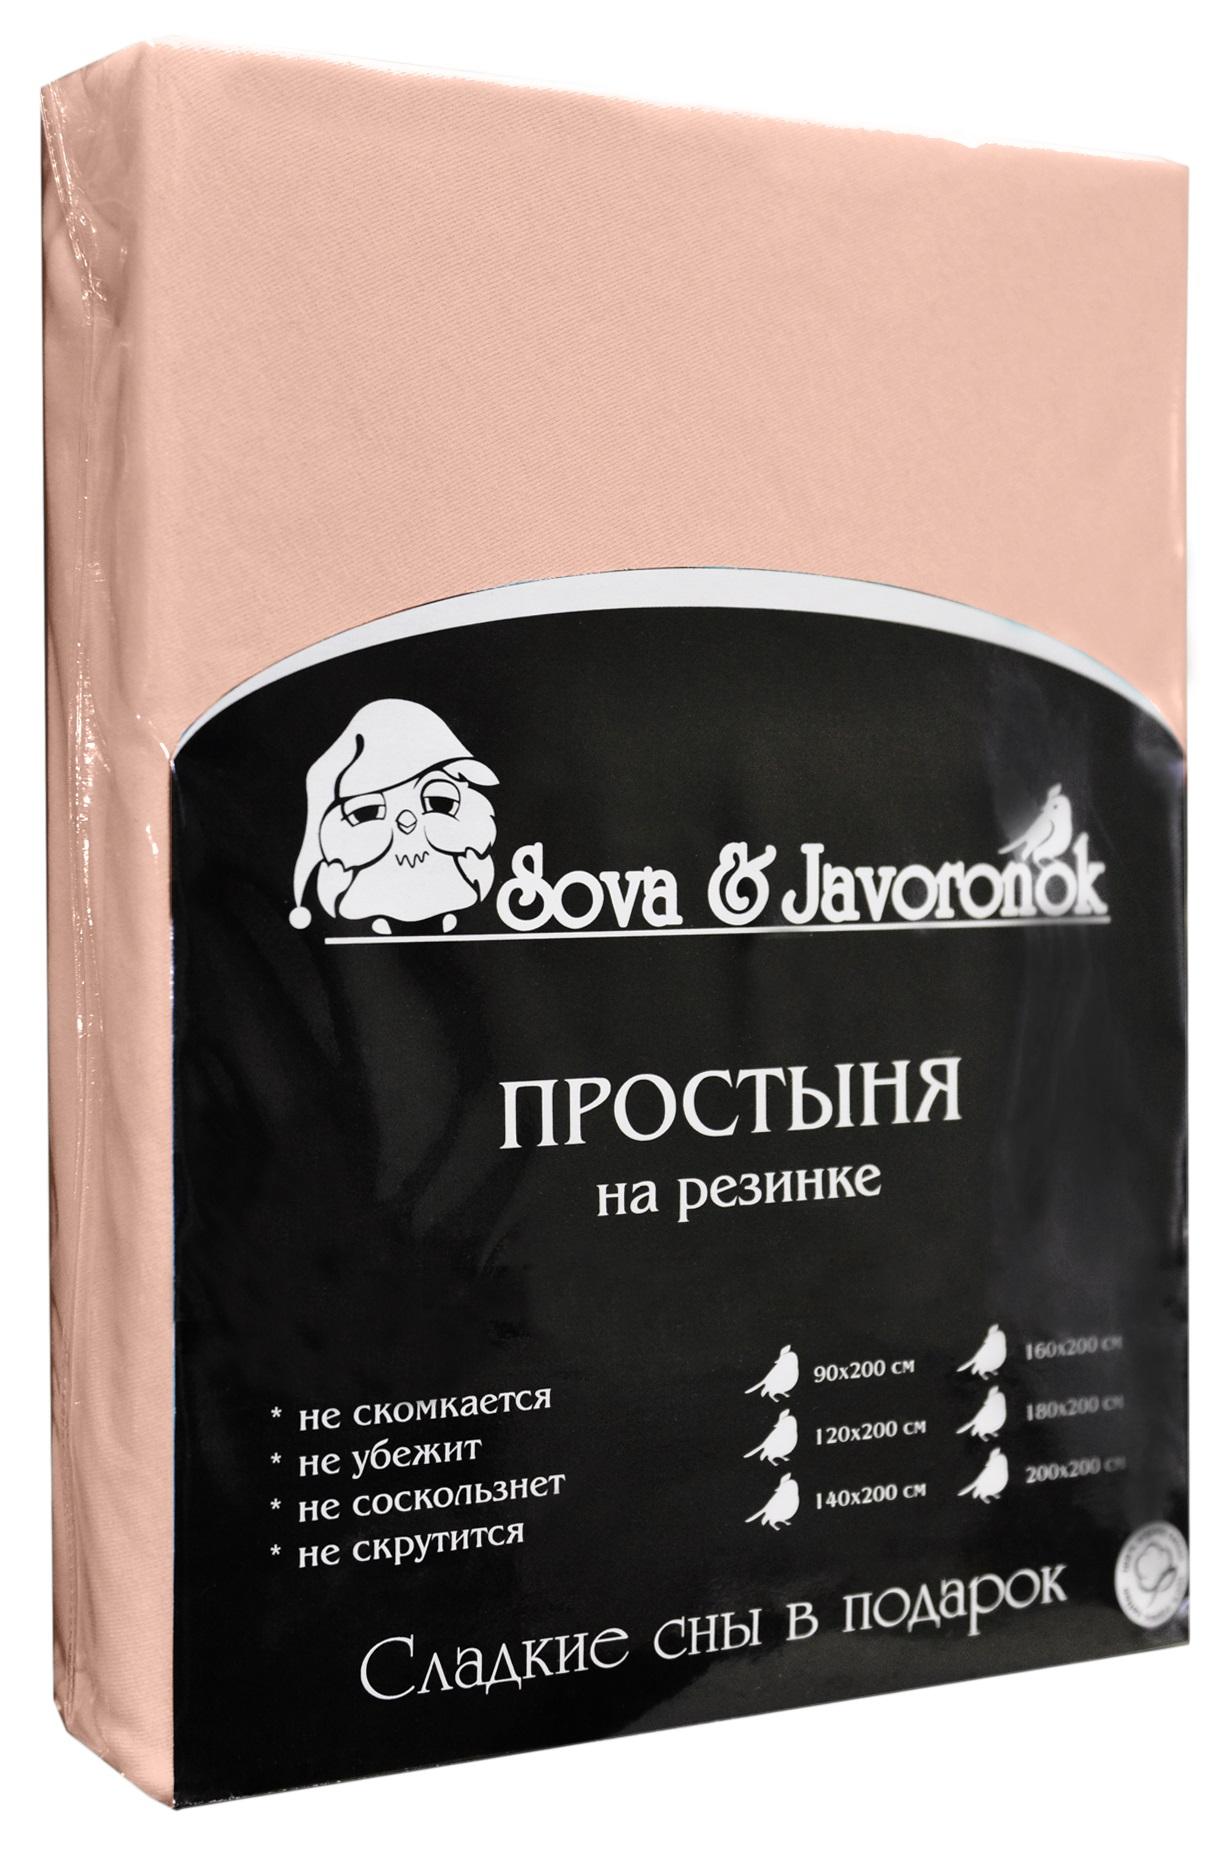 Простыня на резинке Sova & Javoronok, цвет: персиковый, 200 см х 200 смBH-UN0502( R)Простыня на резинке Sova & Javoronok, изготовленная из трикотажной ткани (100% хлопок), будет превосходно смотреться с любыми комплектами белья. Хлопчатобумажный трикотаж по праву считается одним из самых качественных, прочных и при этом приятных на ощупь. Его гигиеничность позволяет использовать простыню и в детских комнатах, к тому же 100%-ый хлопок в составе ткани не вызовет аллергии. У трикотажного полотна очень интересная структура, немного рыхлая за счет отсутствия плотного переплетения нитей и наличия особых петель, благодаря этому простыня Сова и Жаворонок отлично пропускает воздух и способствует его постоянной циркуляции. Поэтому ваша постель будет всегда оставаться свежей. Но главное и, пожалуй, самое известное свойство трикотажа - это его великолепная растяжимость, поэтому эта ткань и была выбрана для натяжной простыни на резинке.Простыня прошита резинкой по всему периметру, что обеспечивает более комфортный отдых, так как она прочно удерживается на матрасе и избавляет от необходимости часто поправлять простыню.